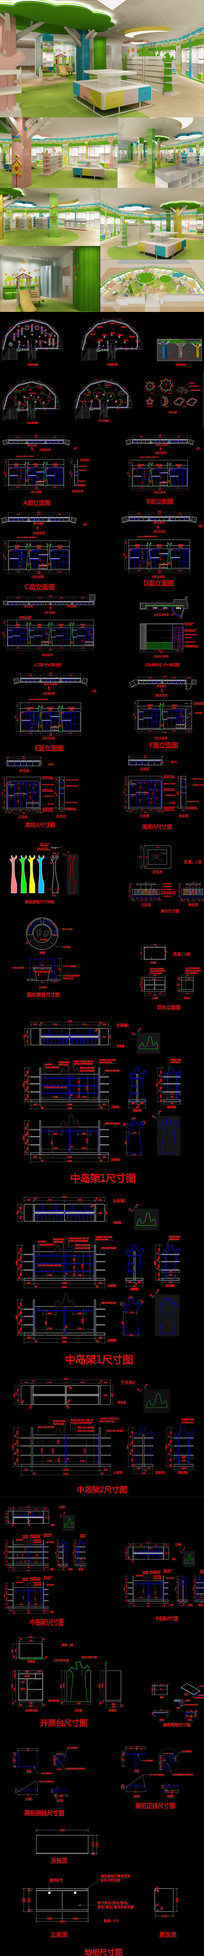 时尚服装店CAD施工图 3Dmax